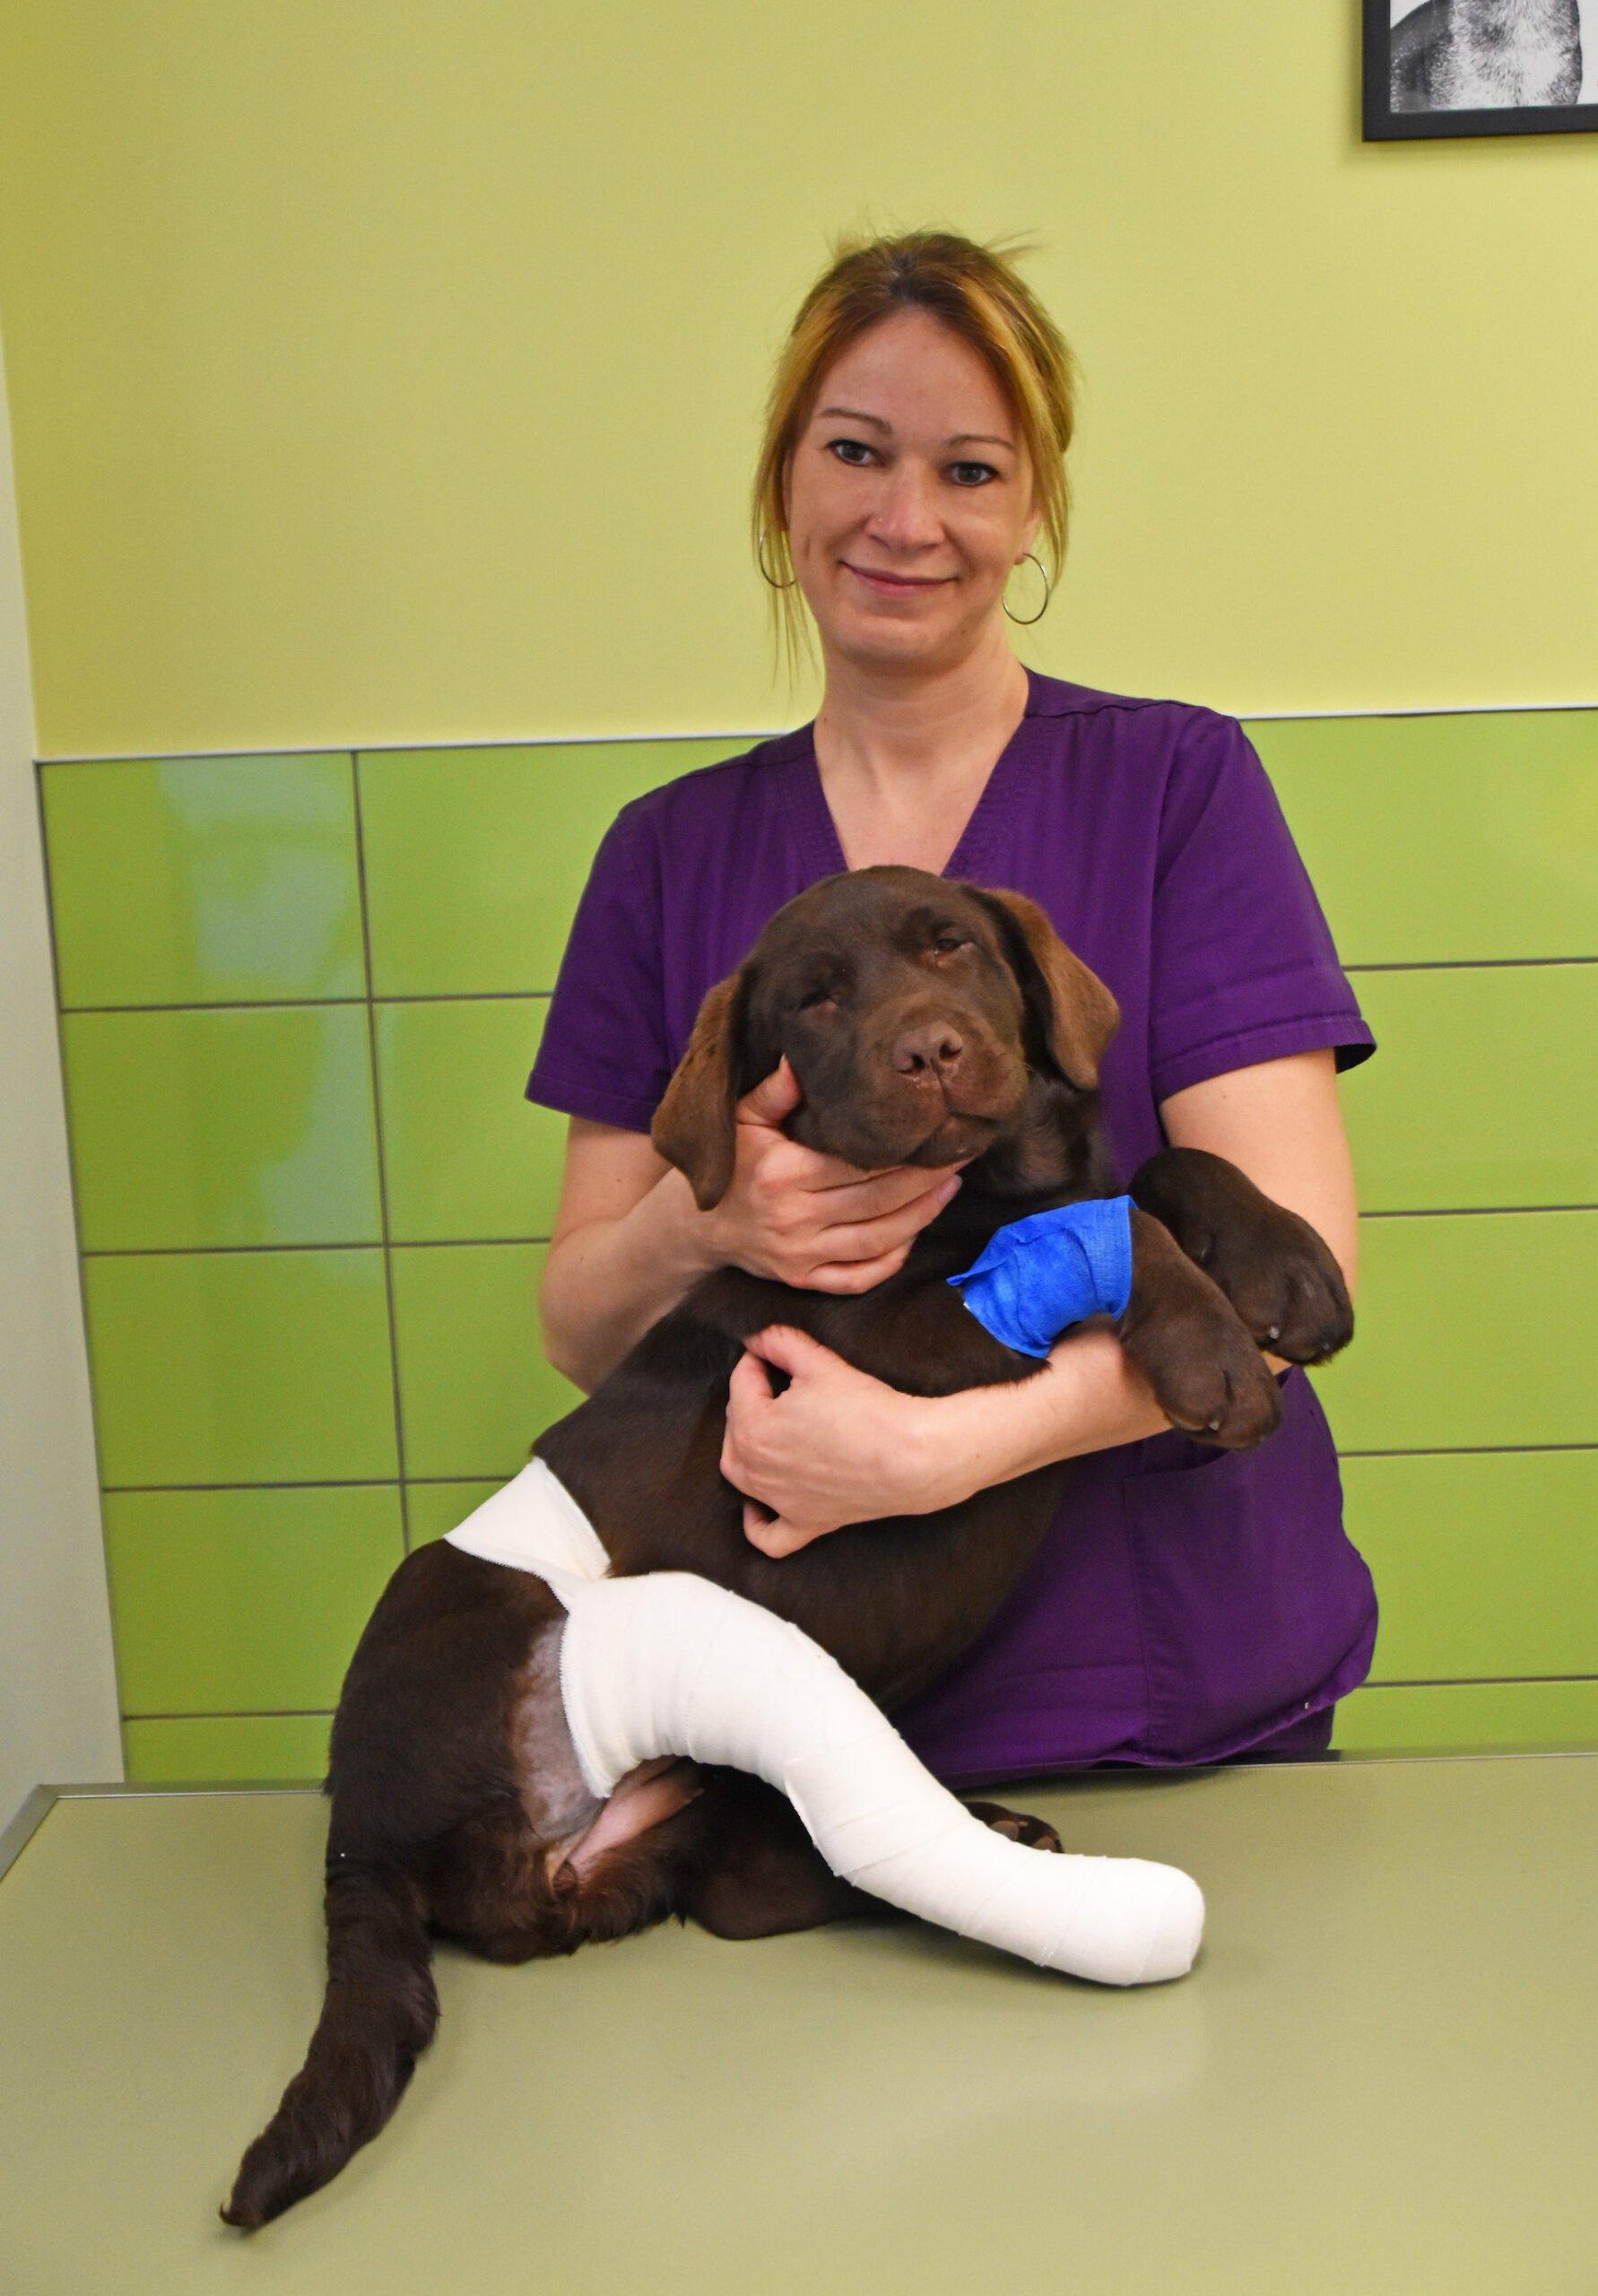 L'équipe médicale de la clinique vétérinaire Orthovet, Elodie